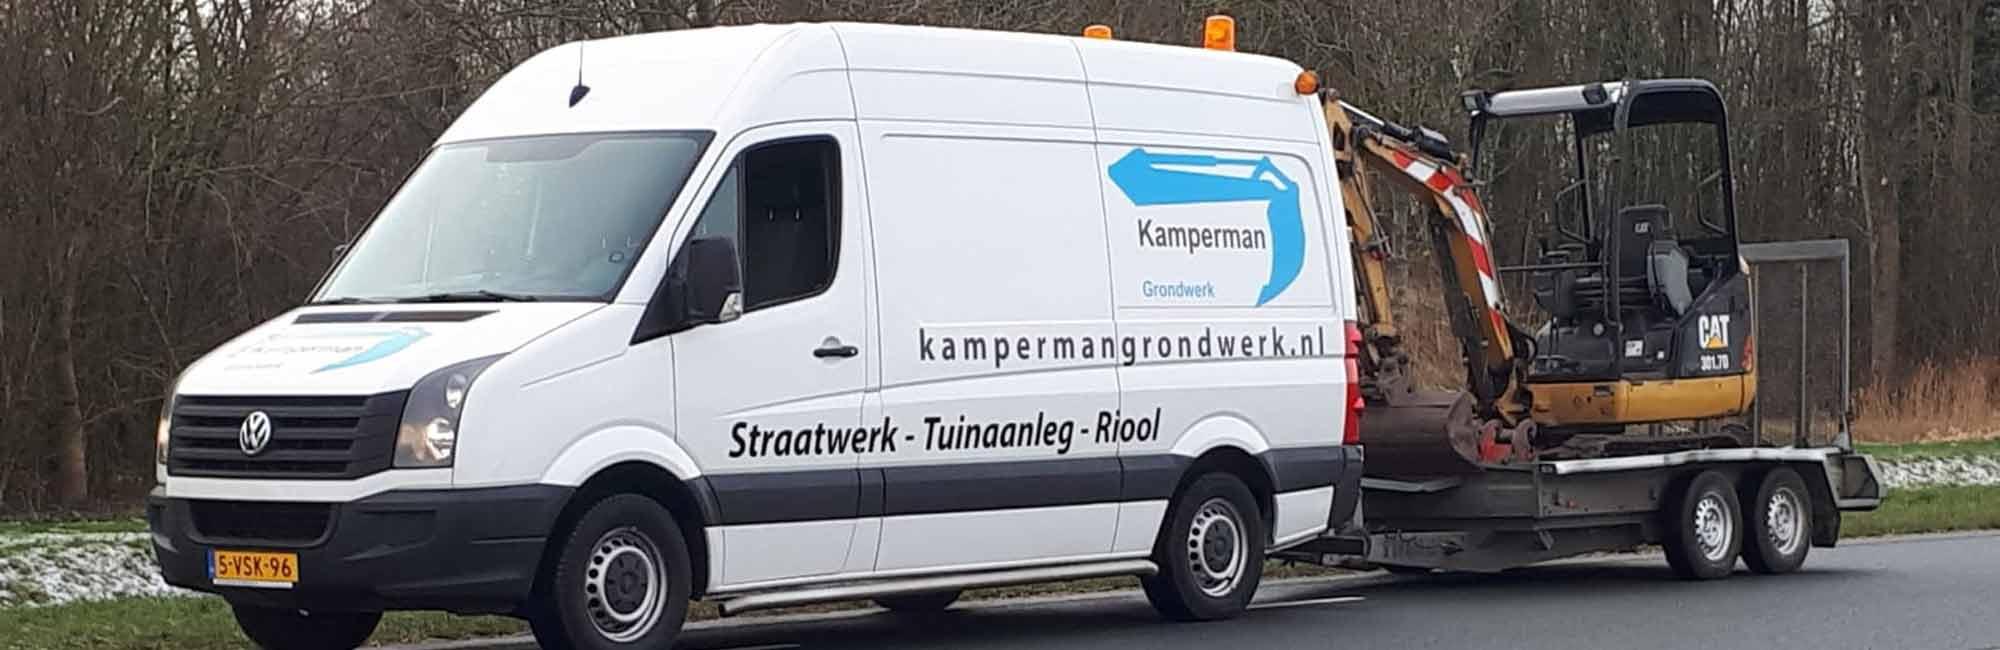 - Kamperman Grondwerk Groningen Scheemda